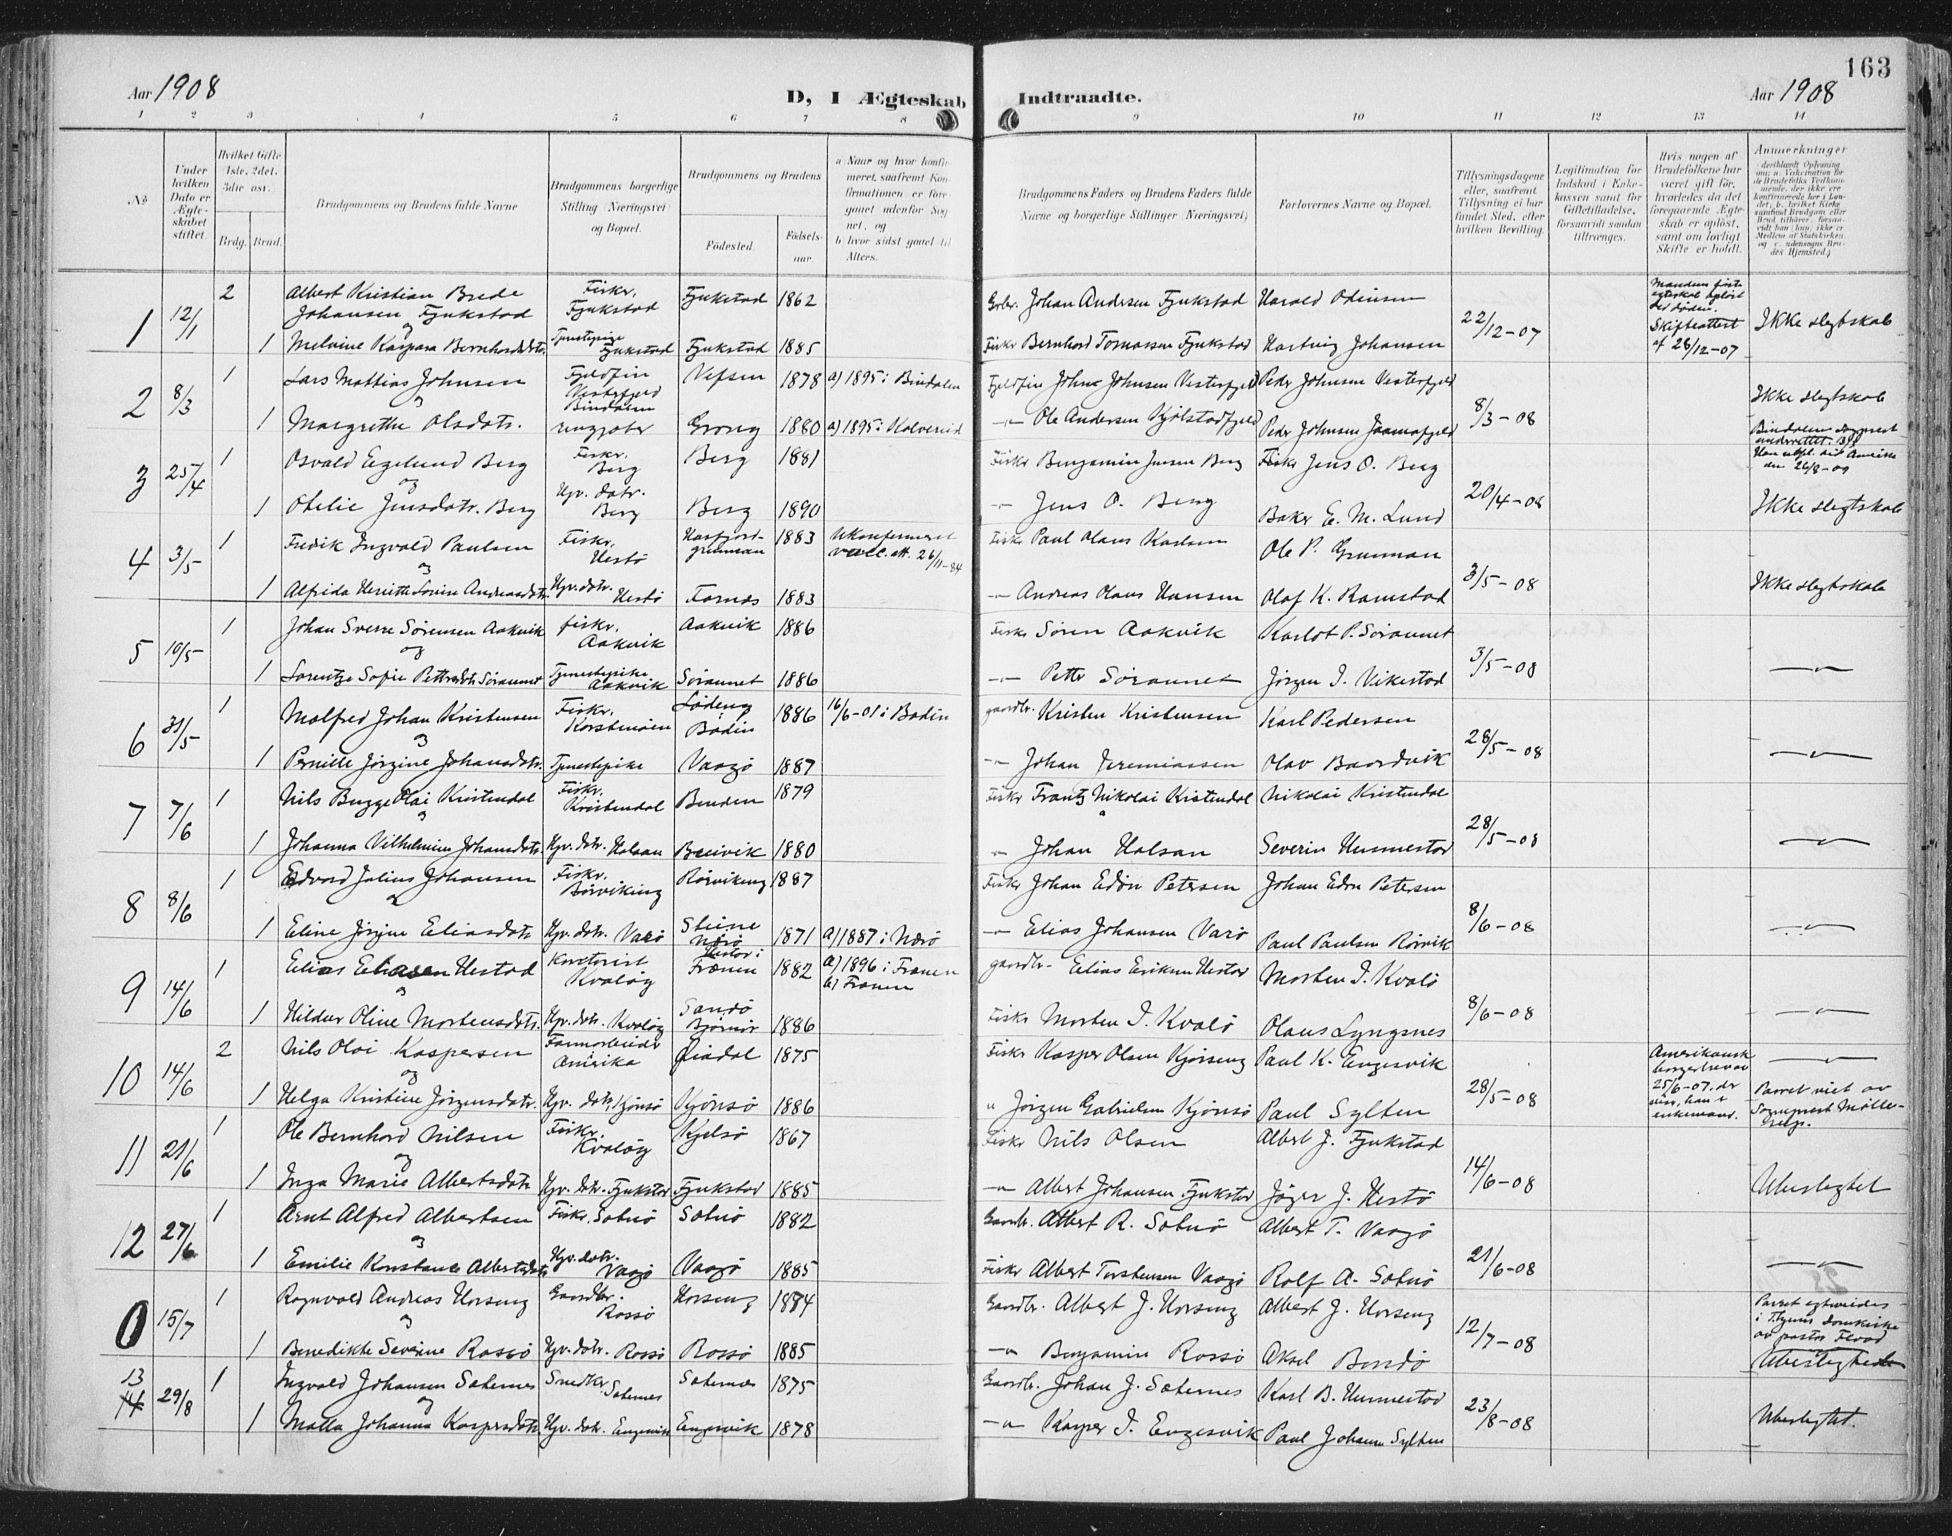 SAT, Ministerialprotokoller, klokkerbøker og fødselsregistre - Nord-Trøndelag, 786/L0688: Ministerialbok nr. 786A04, 1899-1912, s. 163